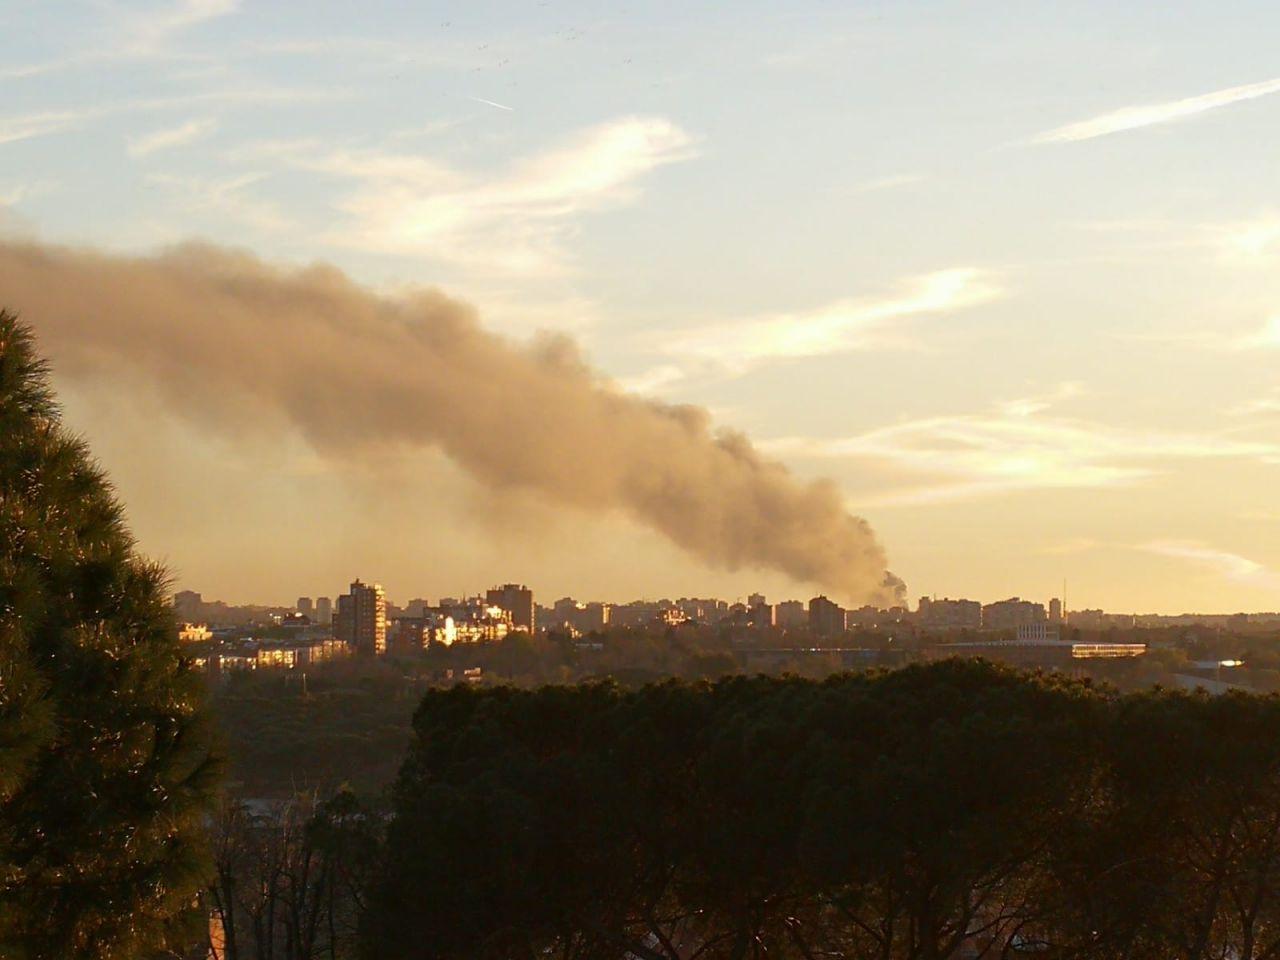 El humo puede verse desde el Templo de Debod.